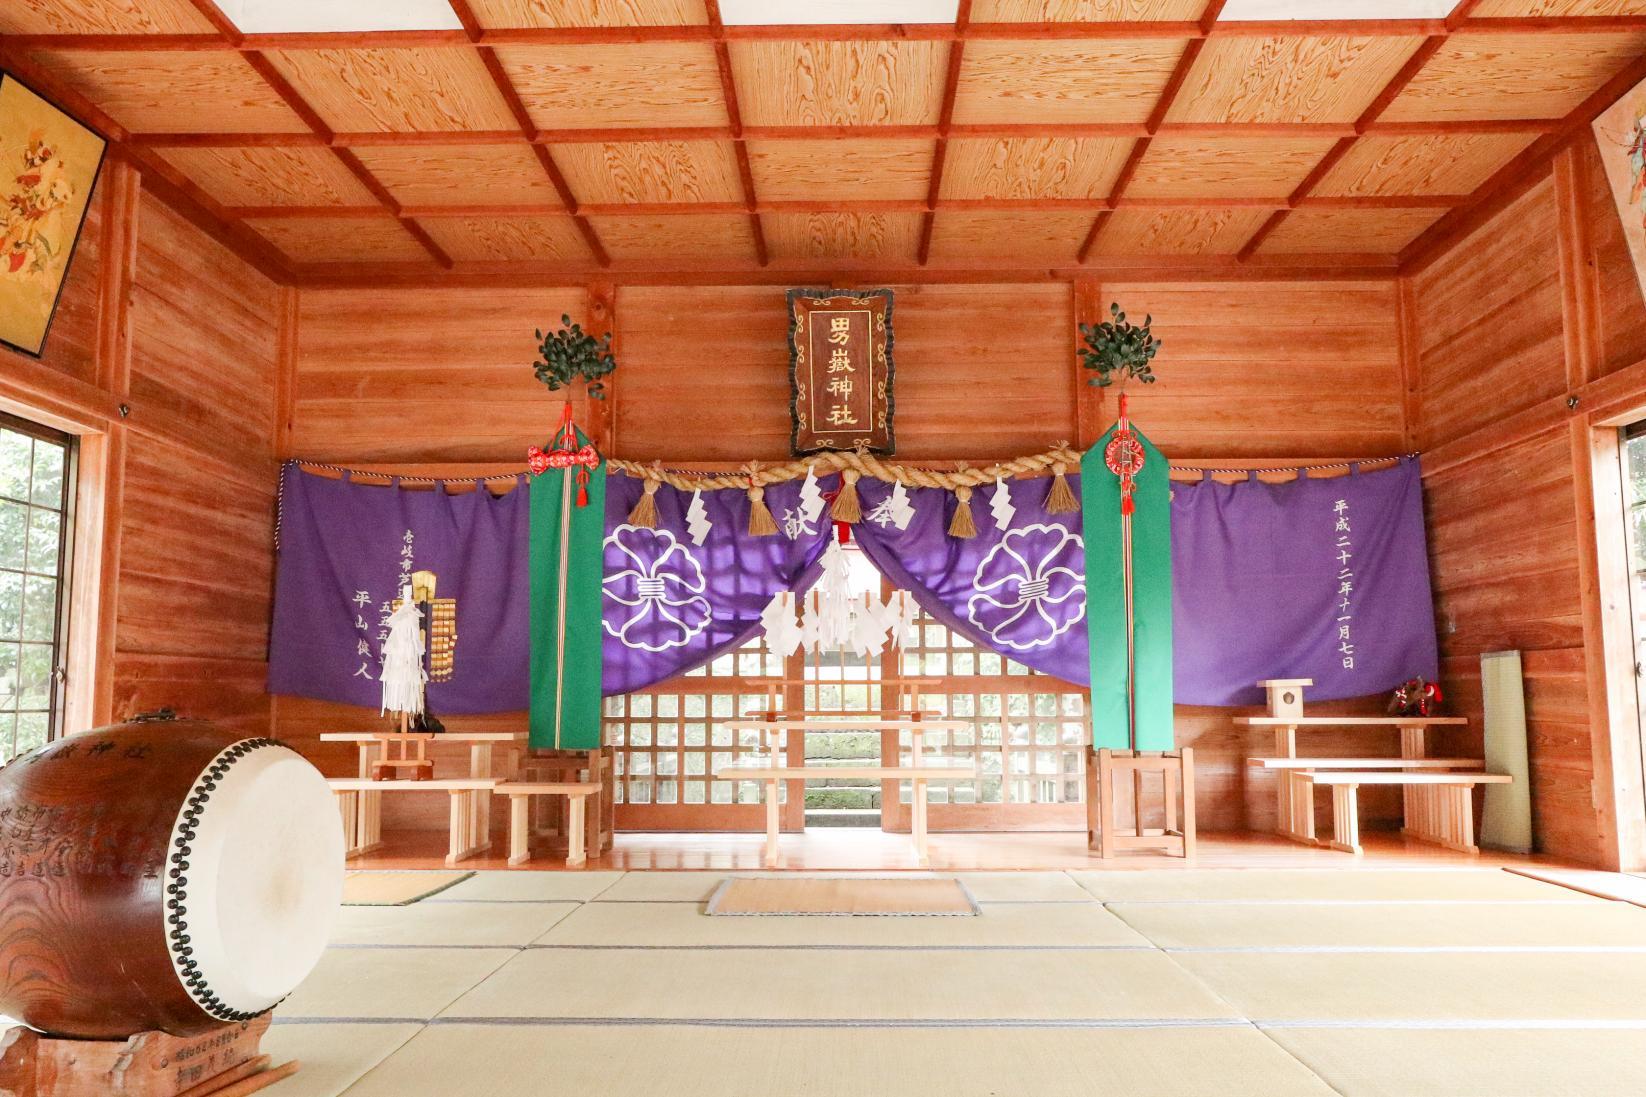 300体以上の石猿が参拝者を迎える「男嶽(おんだけ)神社」-2